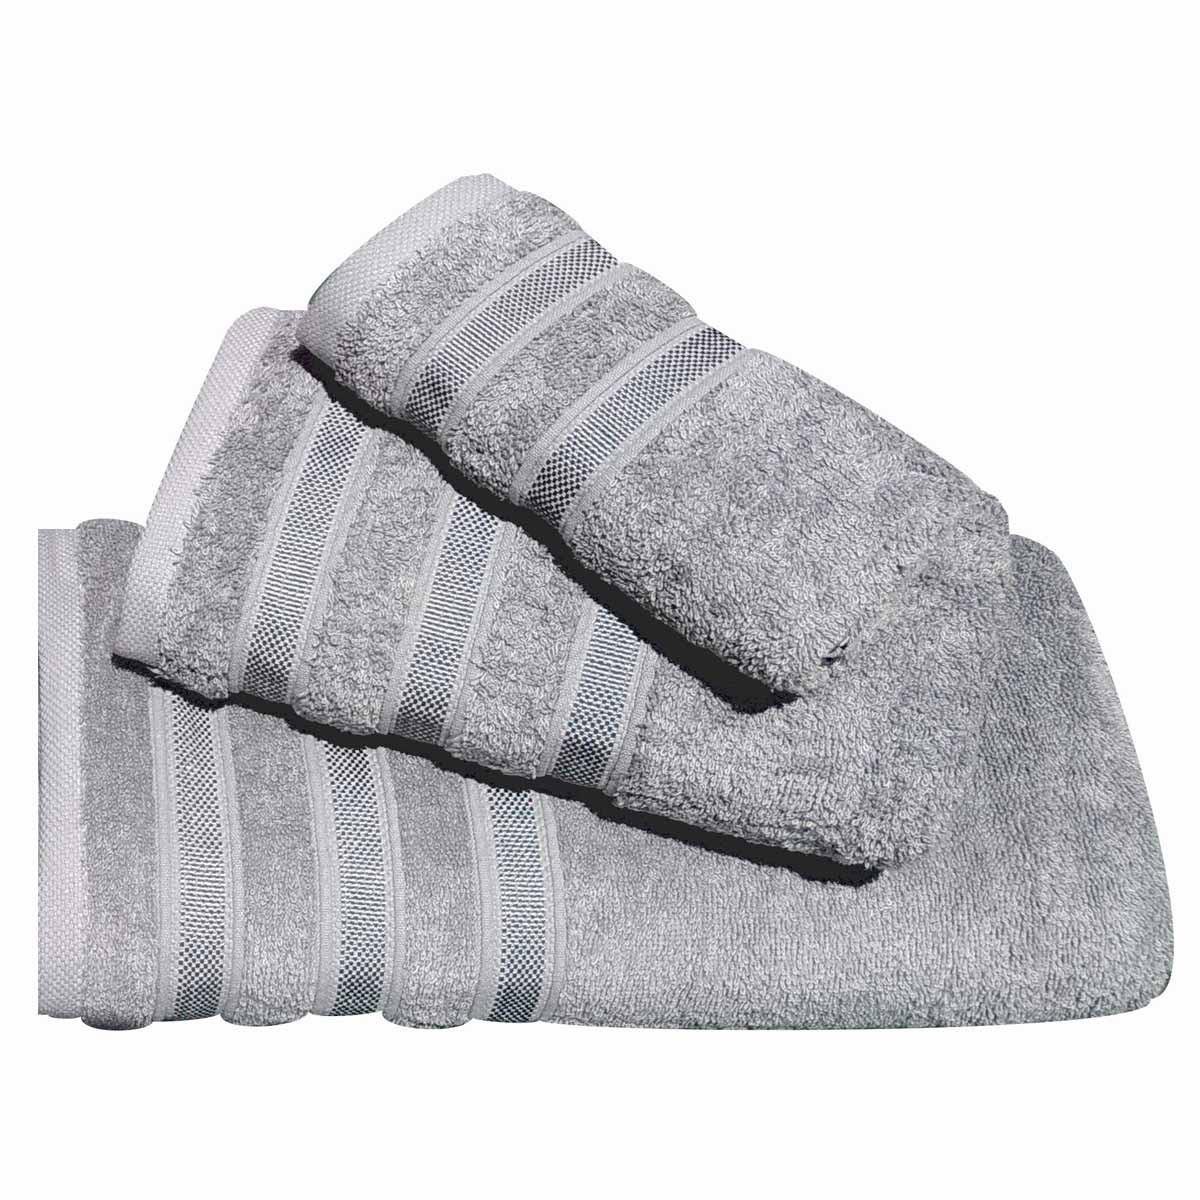 Πετσέτες Μπάνιου (Σετ 3τμχ) Morven 1908 Grey